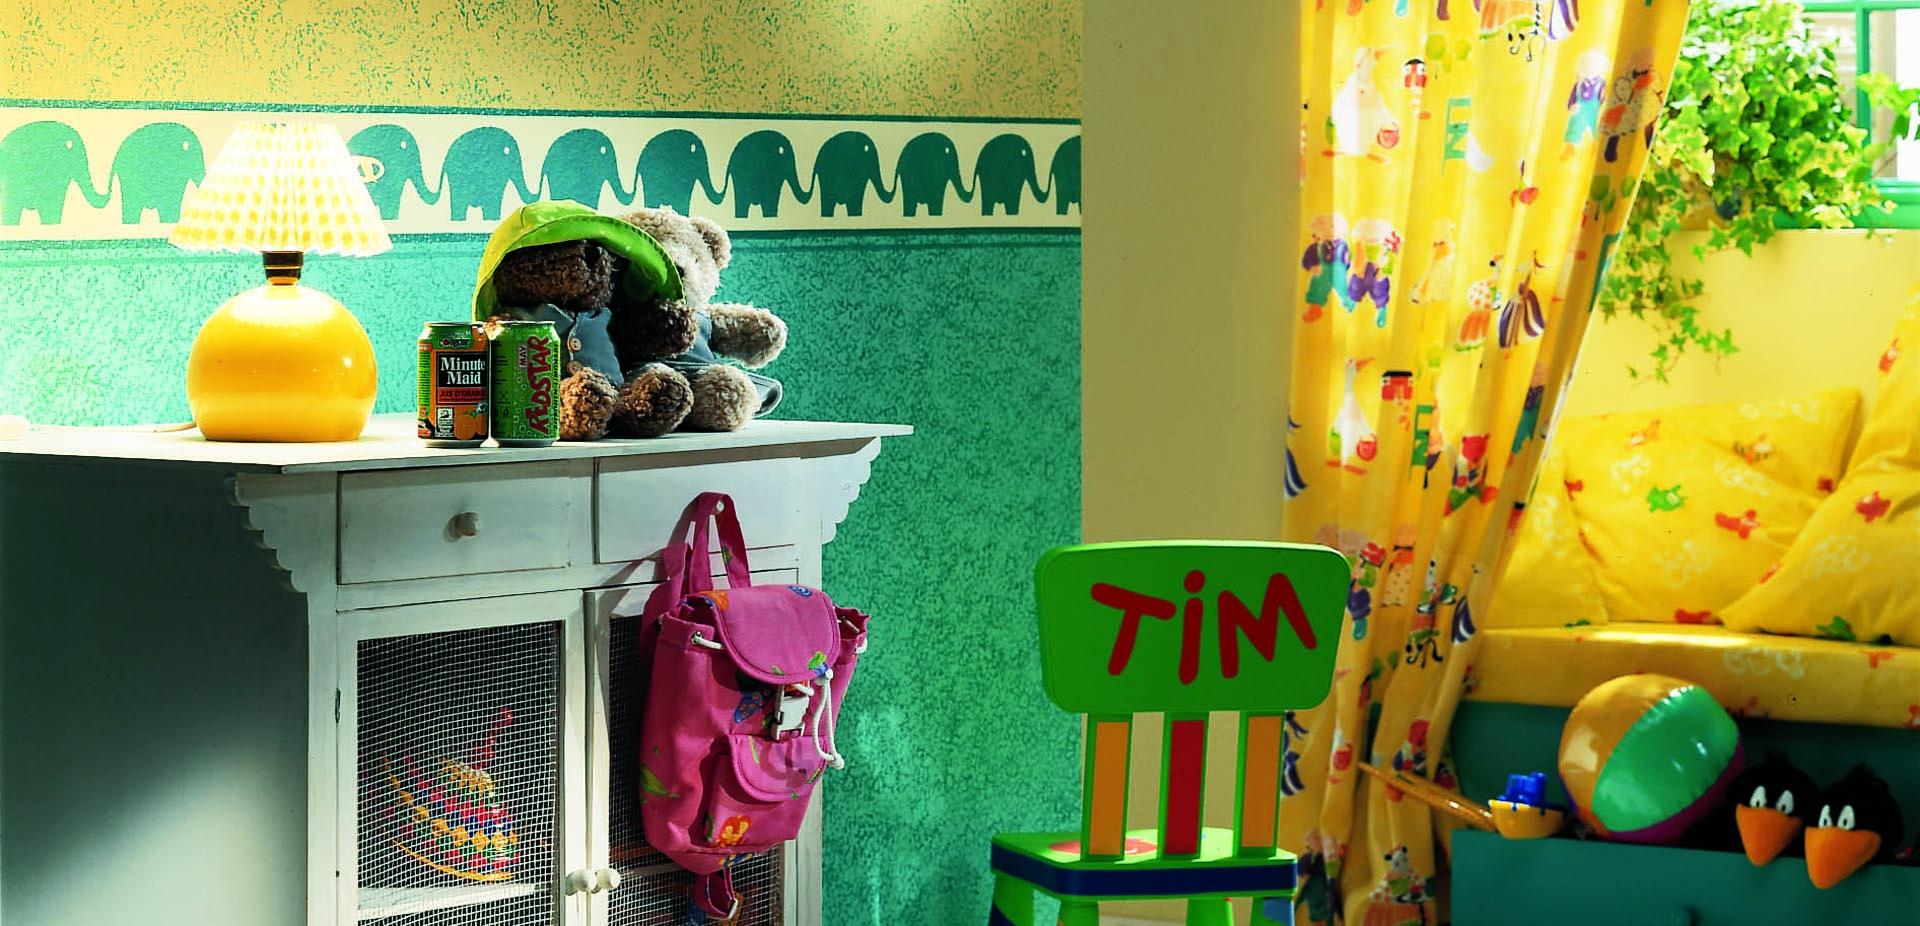 Startseite von Oskar Seus grün gemusterte Wand in Kinderzimmer